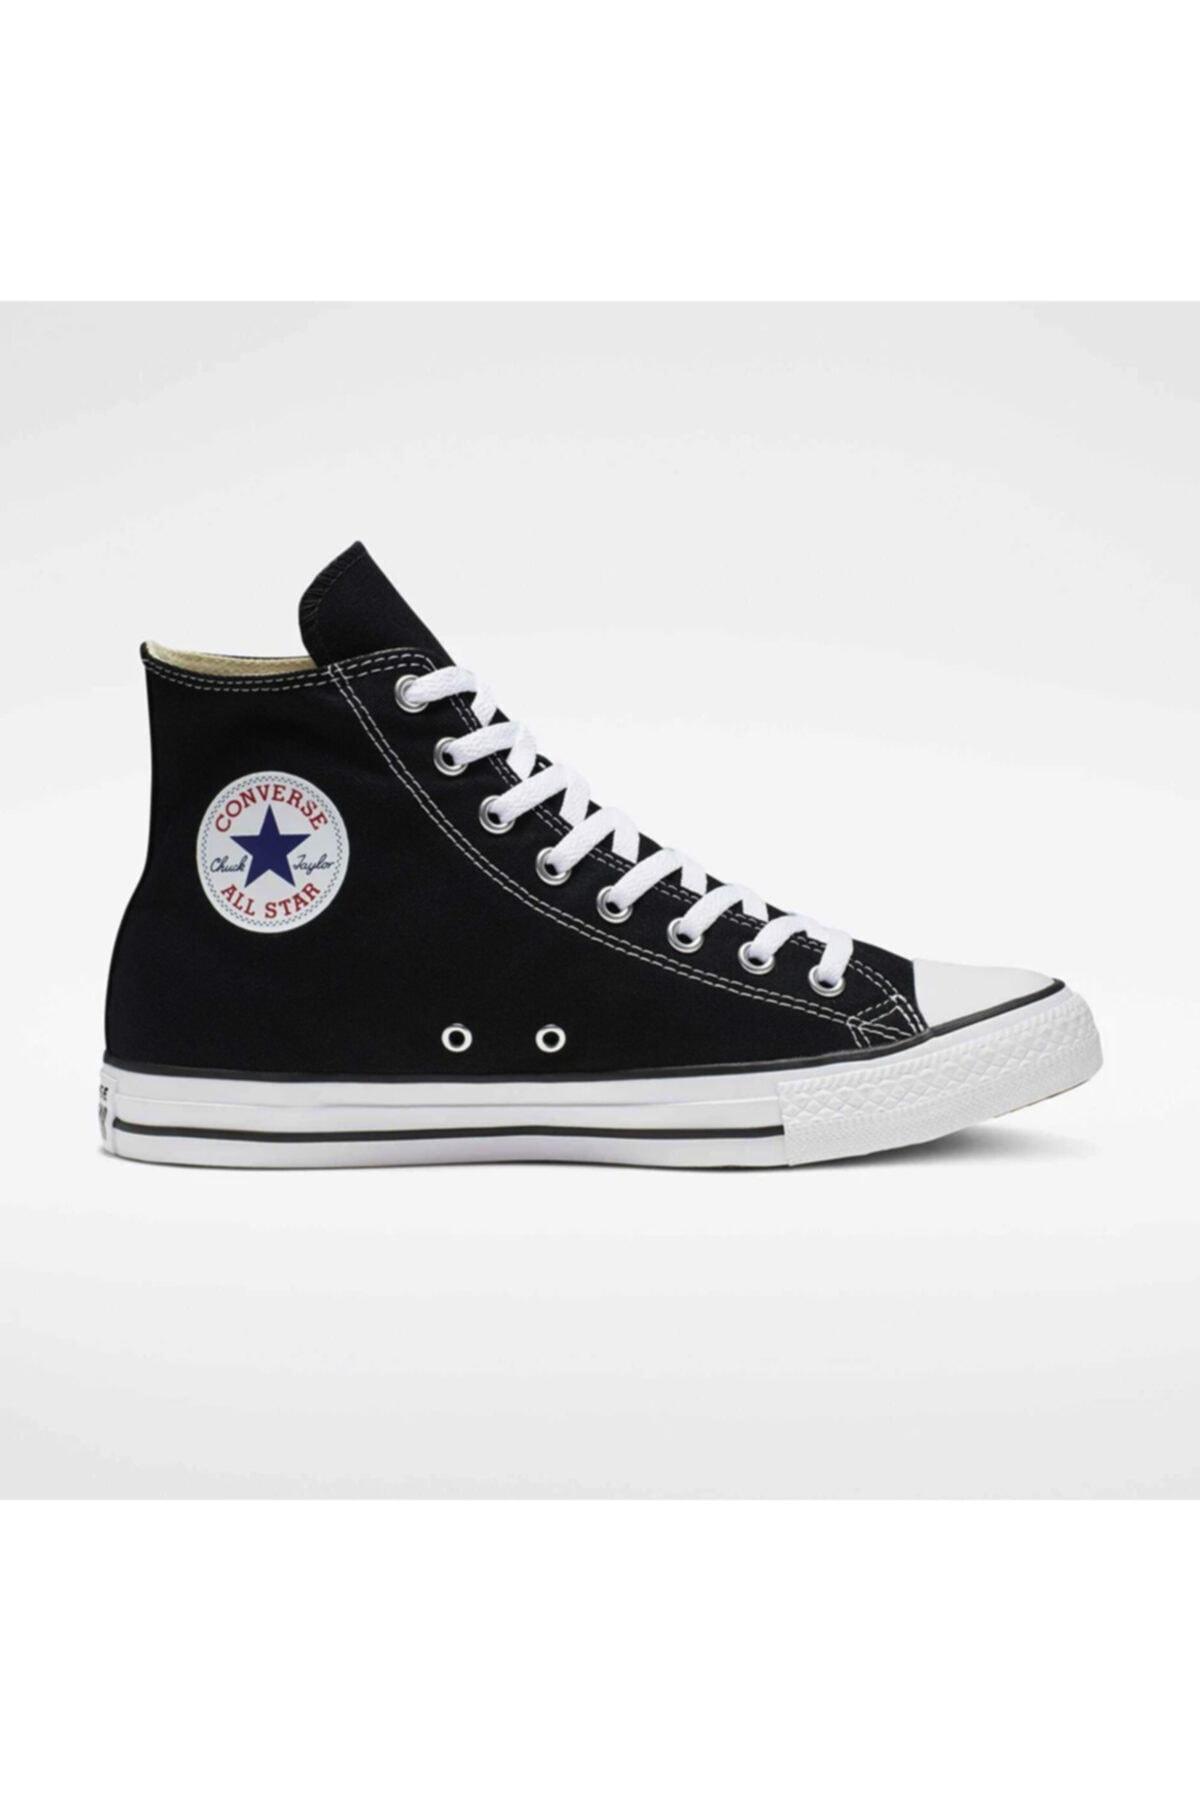 کفش اسپرت مردانه با قیمت برند converse رنگ زرشکی ty1033373